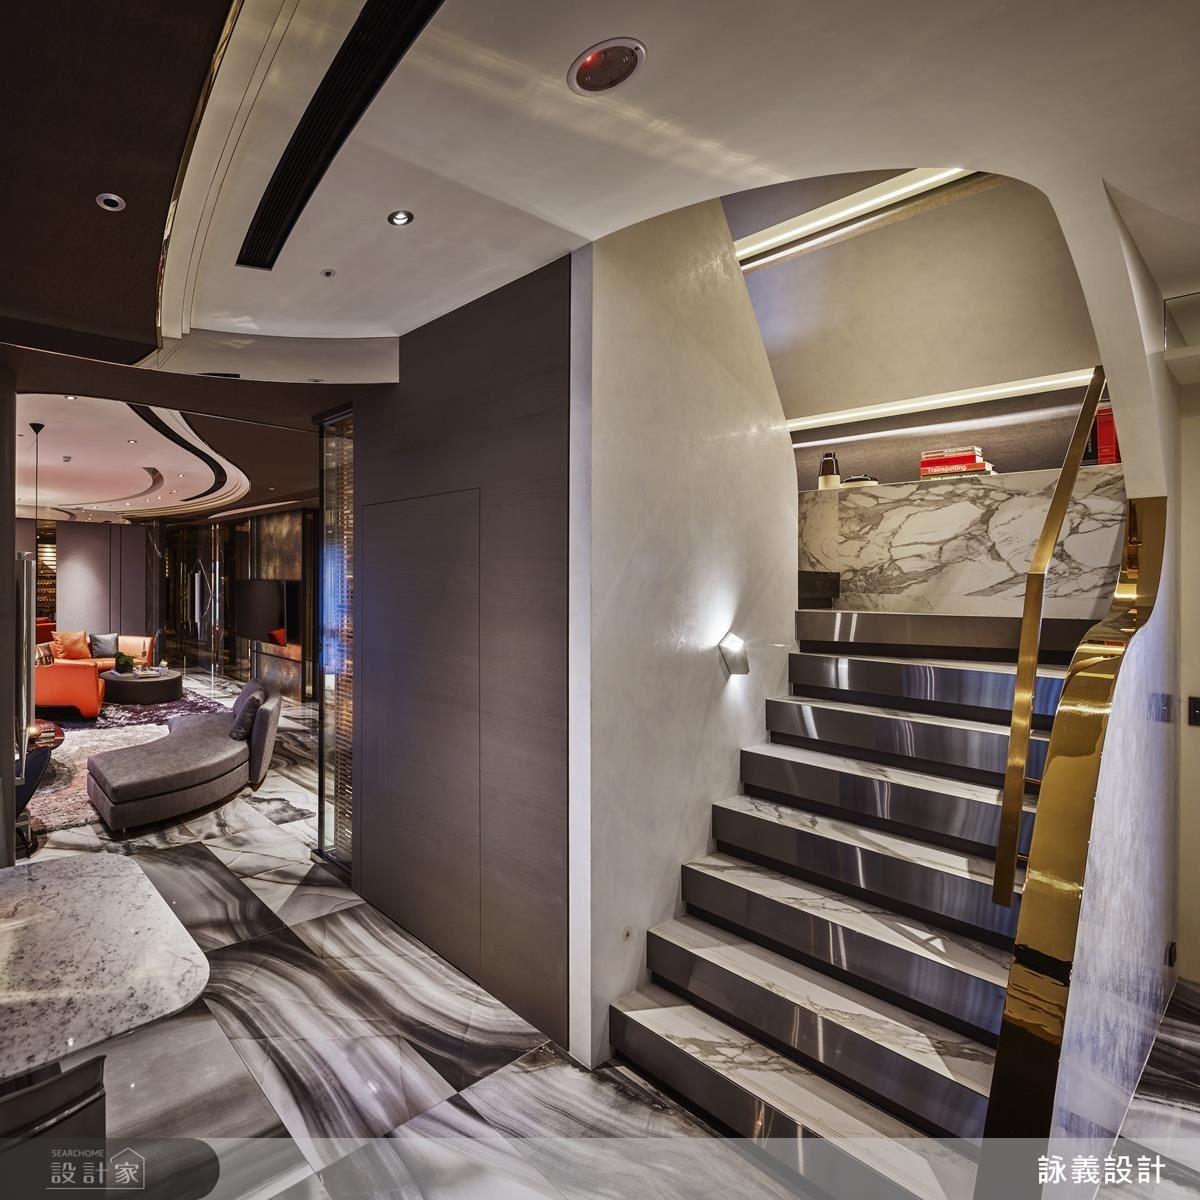 弧線從客廳環繞至餐廳,呈現空間的延續性,以金屬和大理石為主視覺,呈現階梯的時尚現代之感,利用材質作為空間的媒介,弧線延伸二樓成為轉折線條,預告空間的轉換。